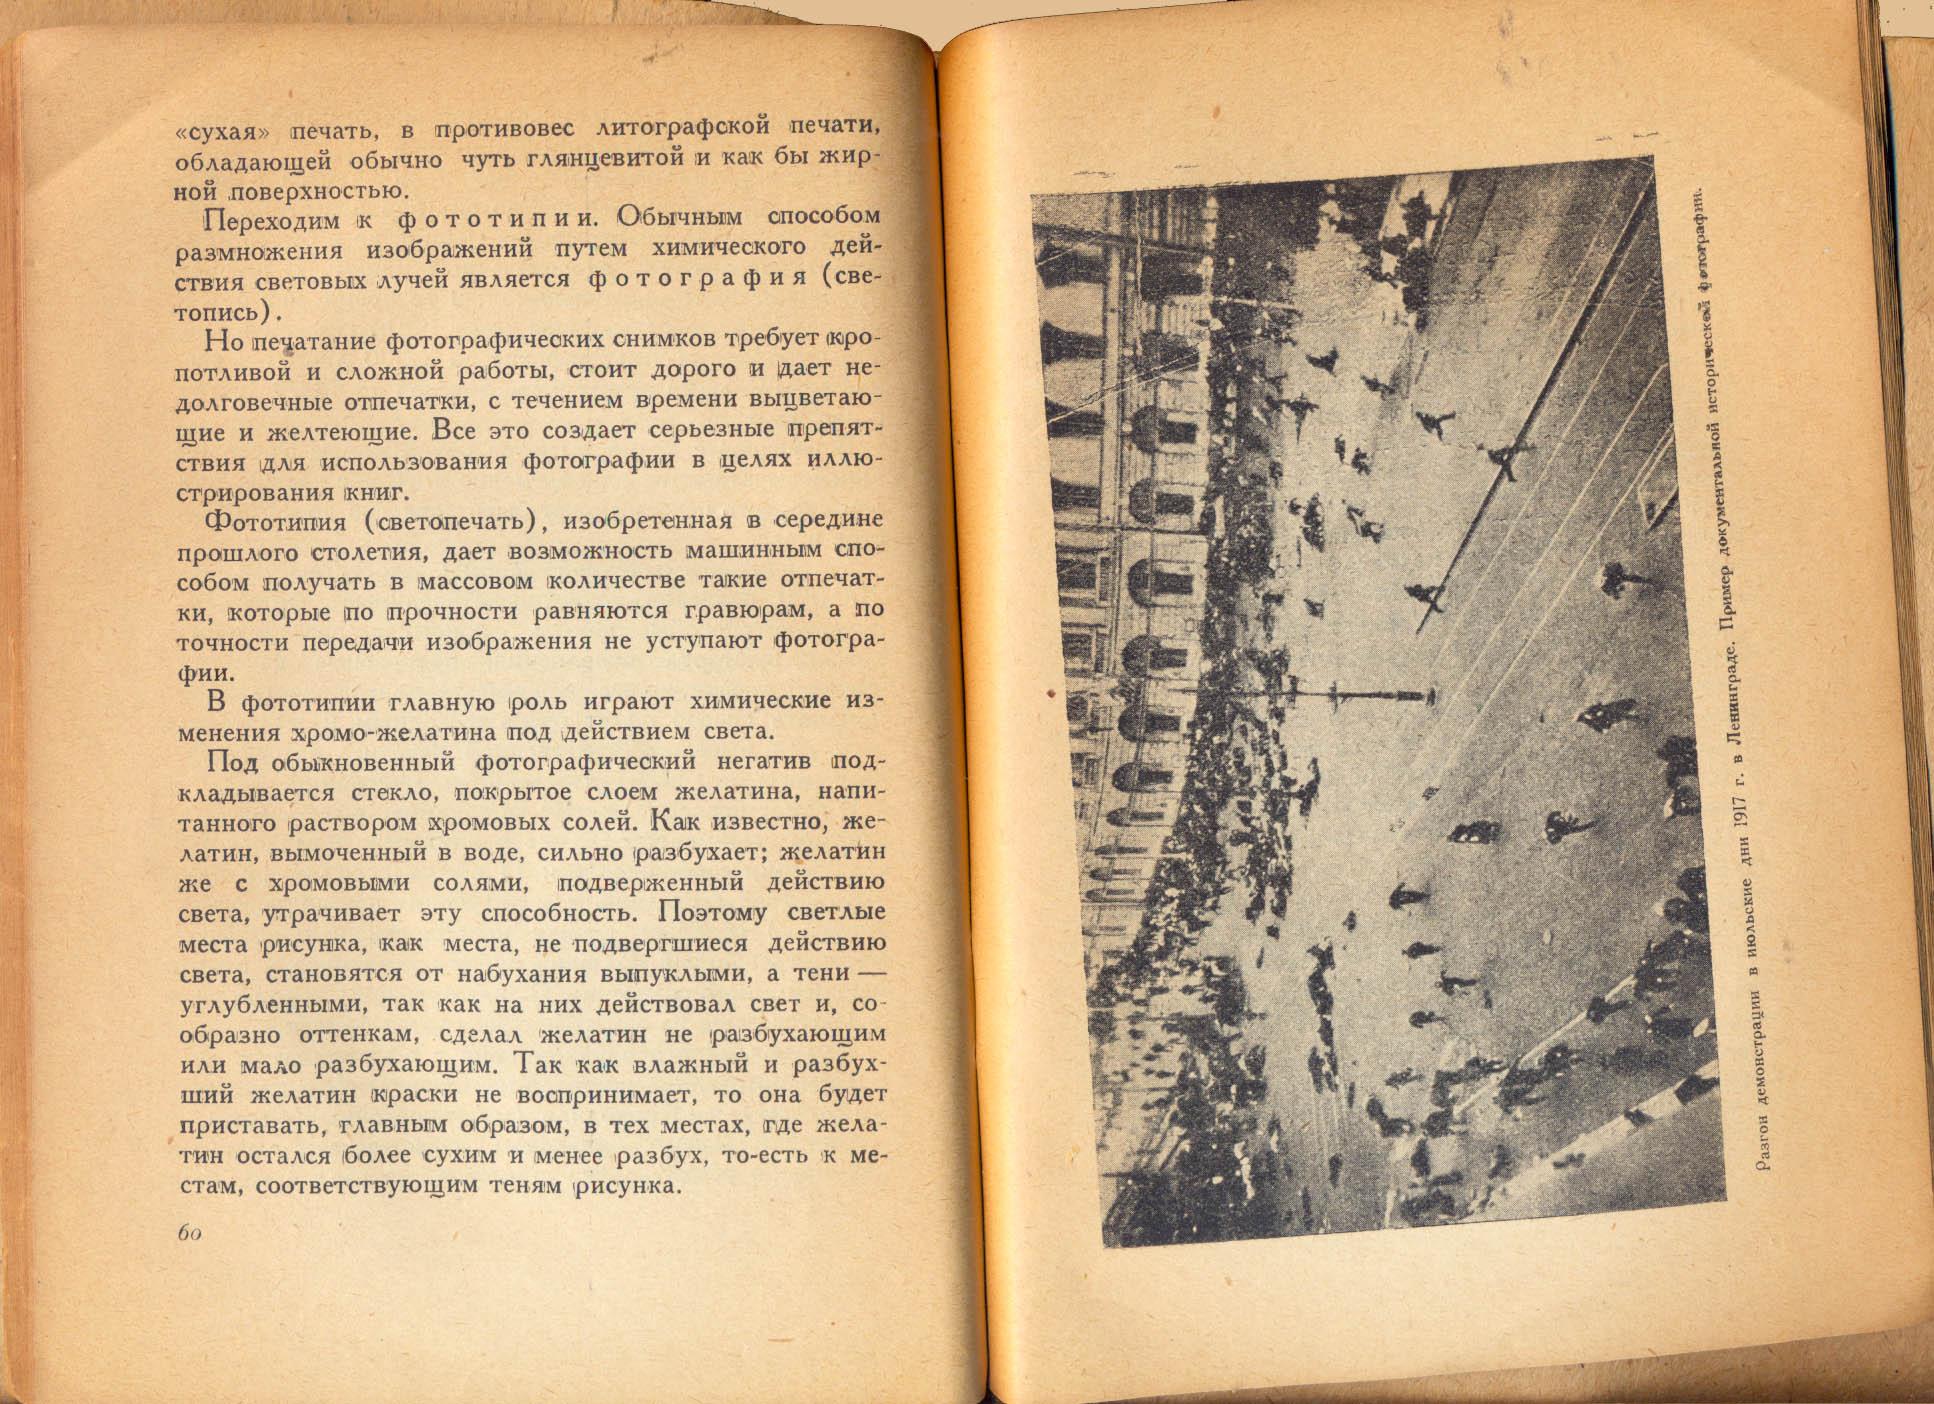 иллюстрация в книге 61.jpg